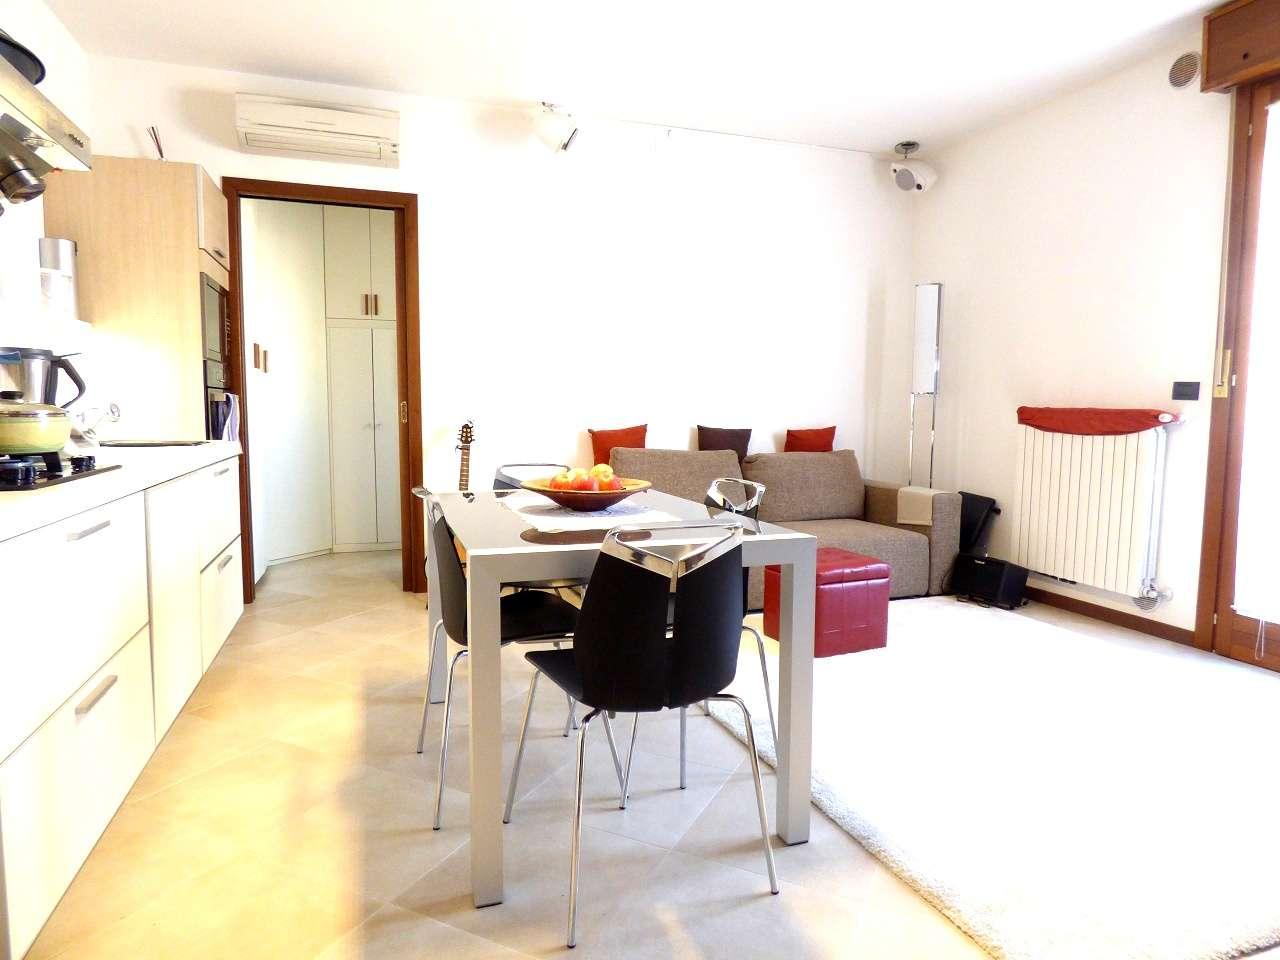 Appartamento in vendita a Mestrino, 3 locali, prezzo € 98.000 | CambioCasa.it